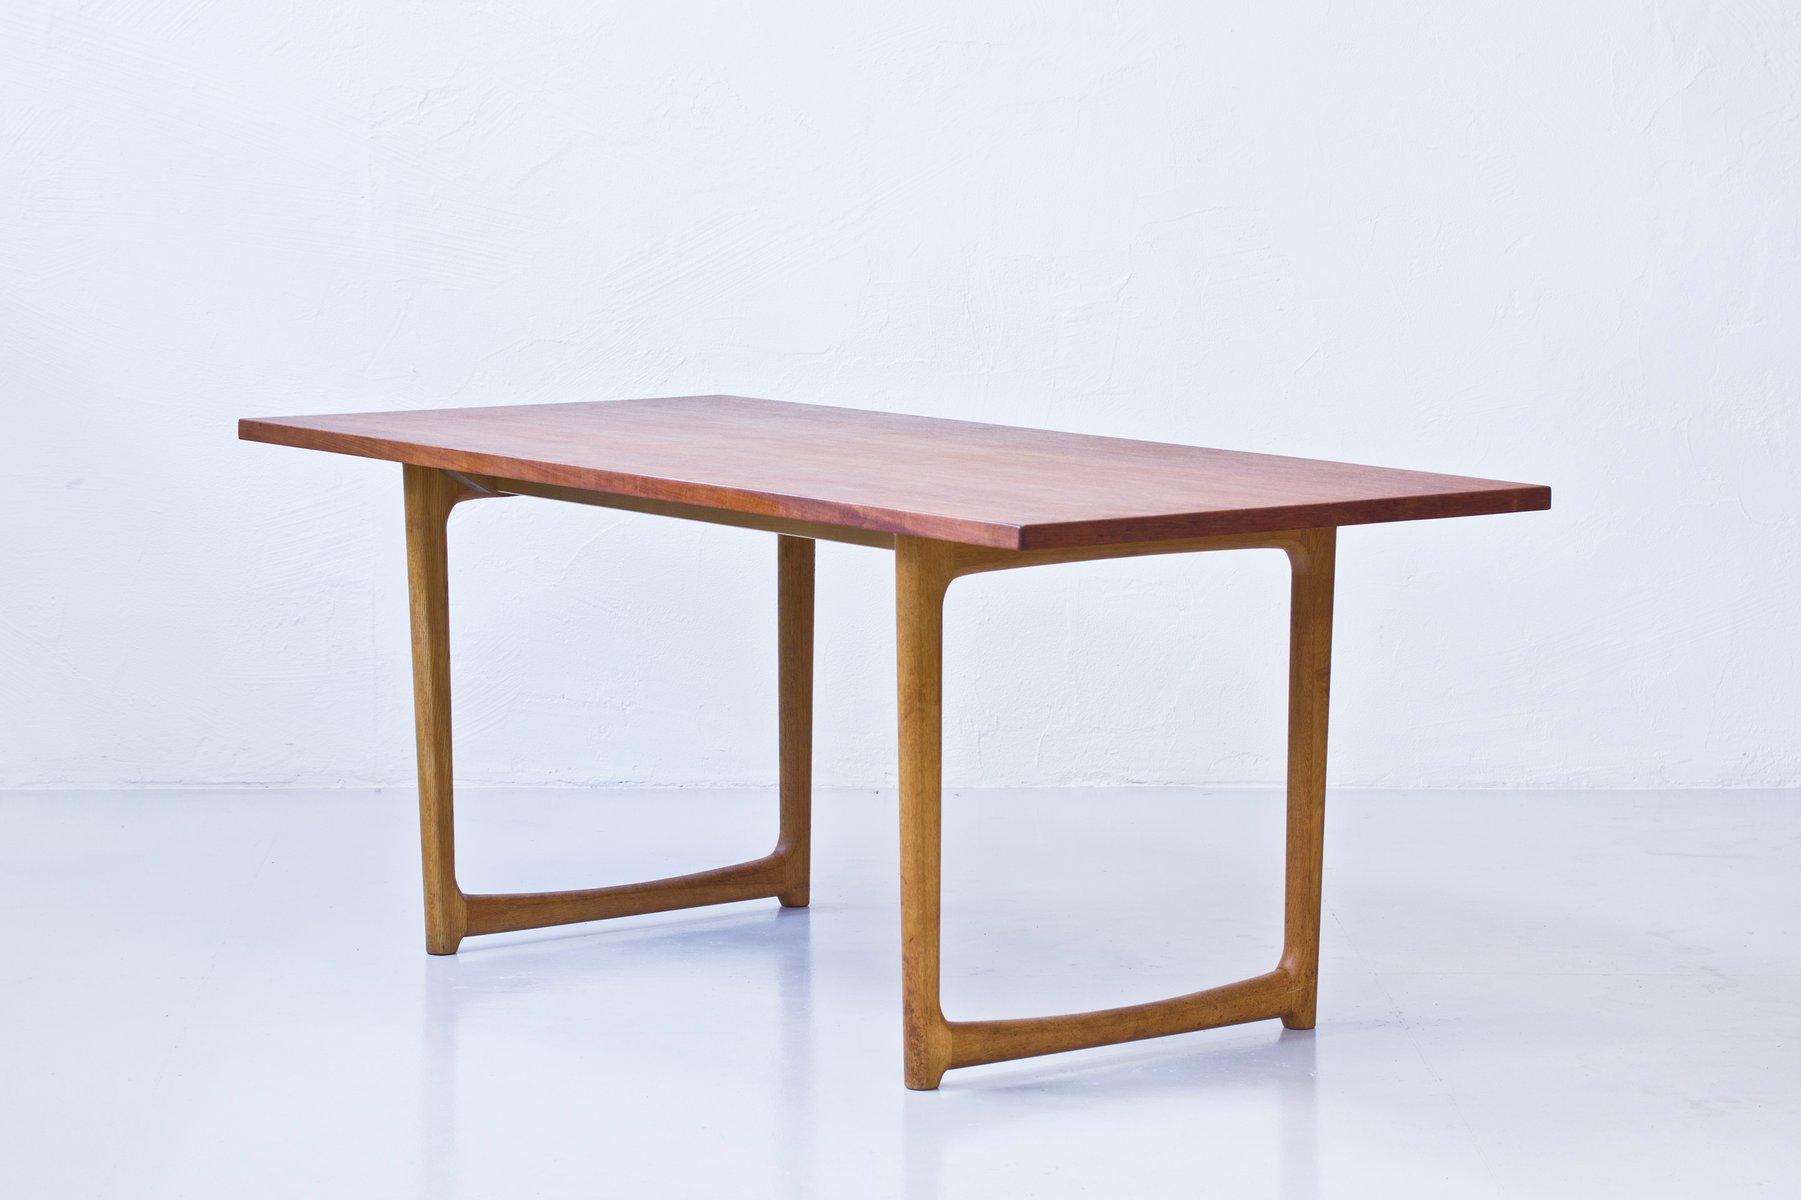 d nischer esstisch aus eichenholz teak bei pamono kaufen. Black Bedroom Furniture Sets. Home Design Ideas